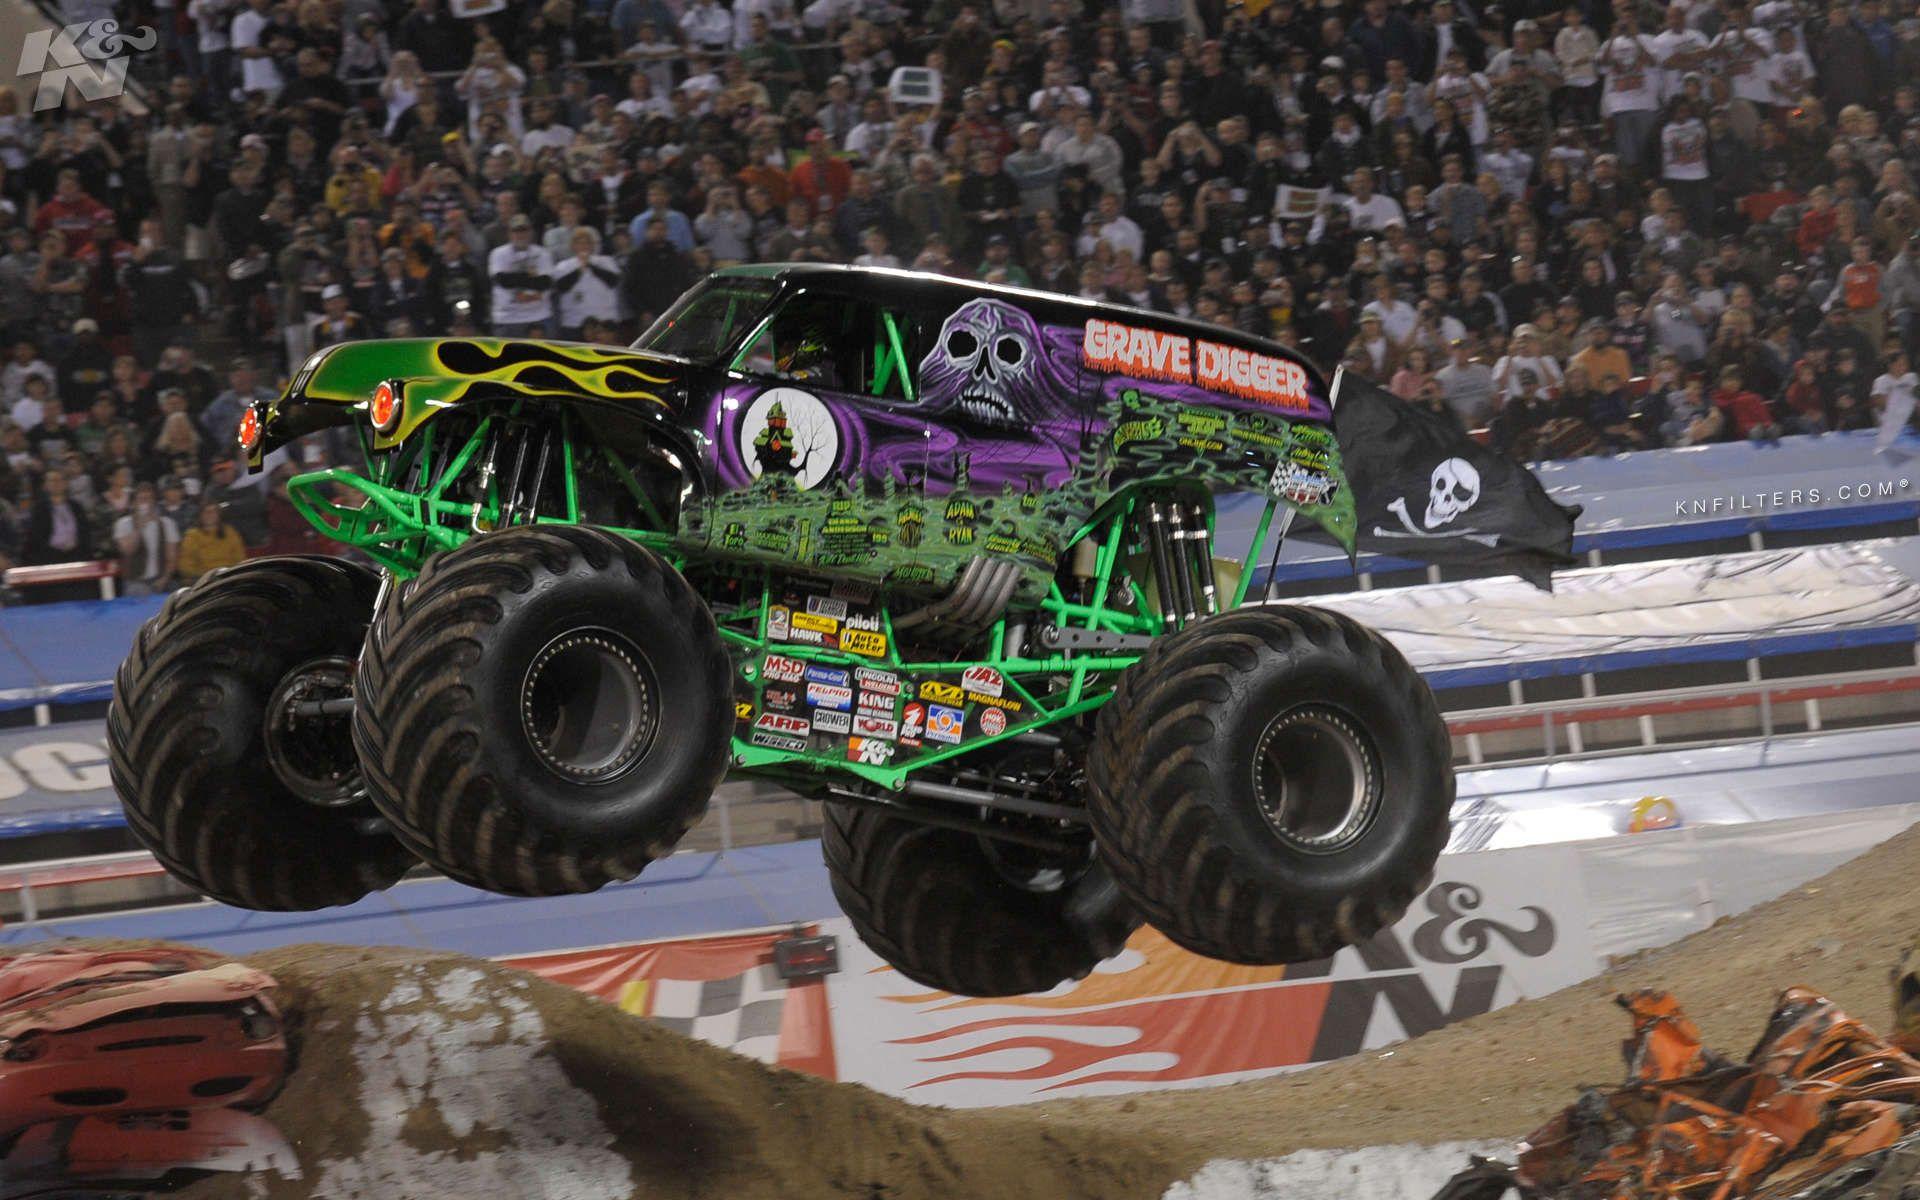 Monster Truck Wallpaper Desktop Http Hdwallpaper Info Monster